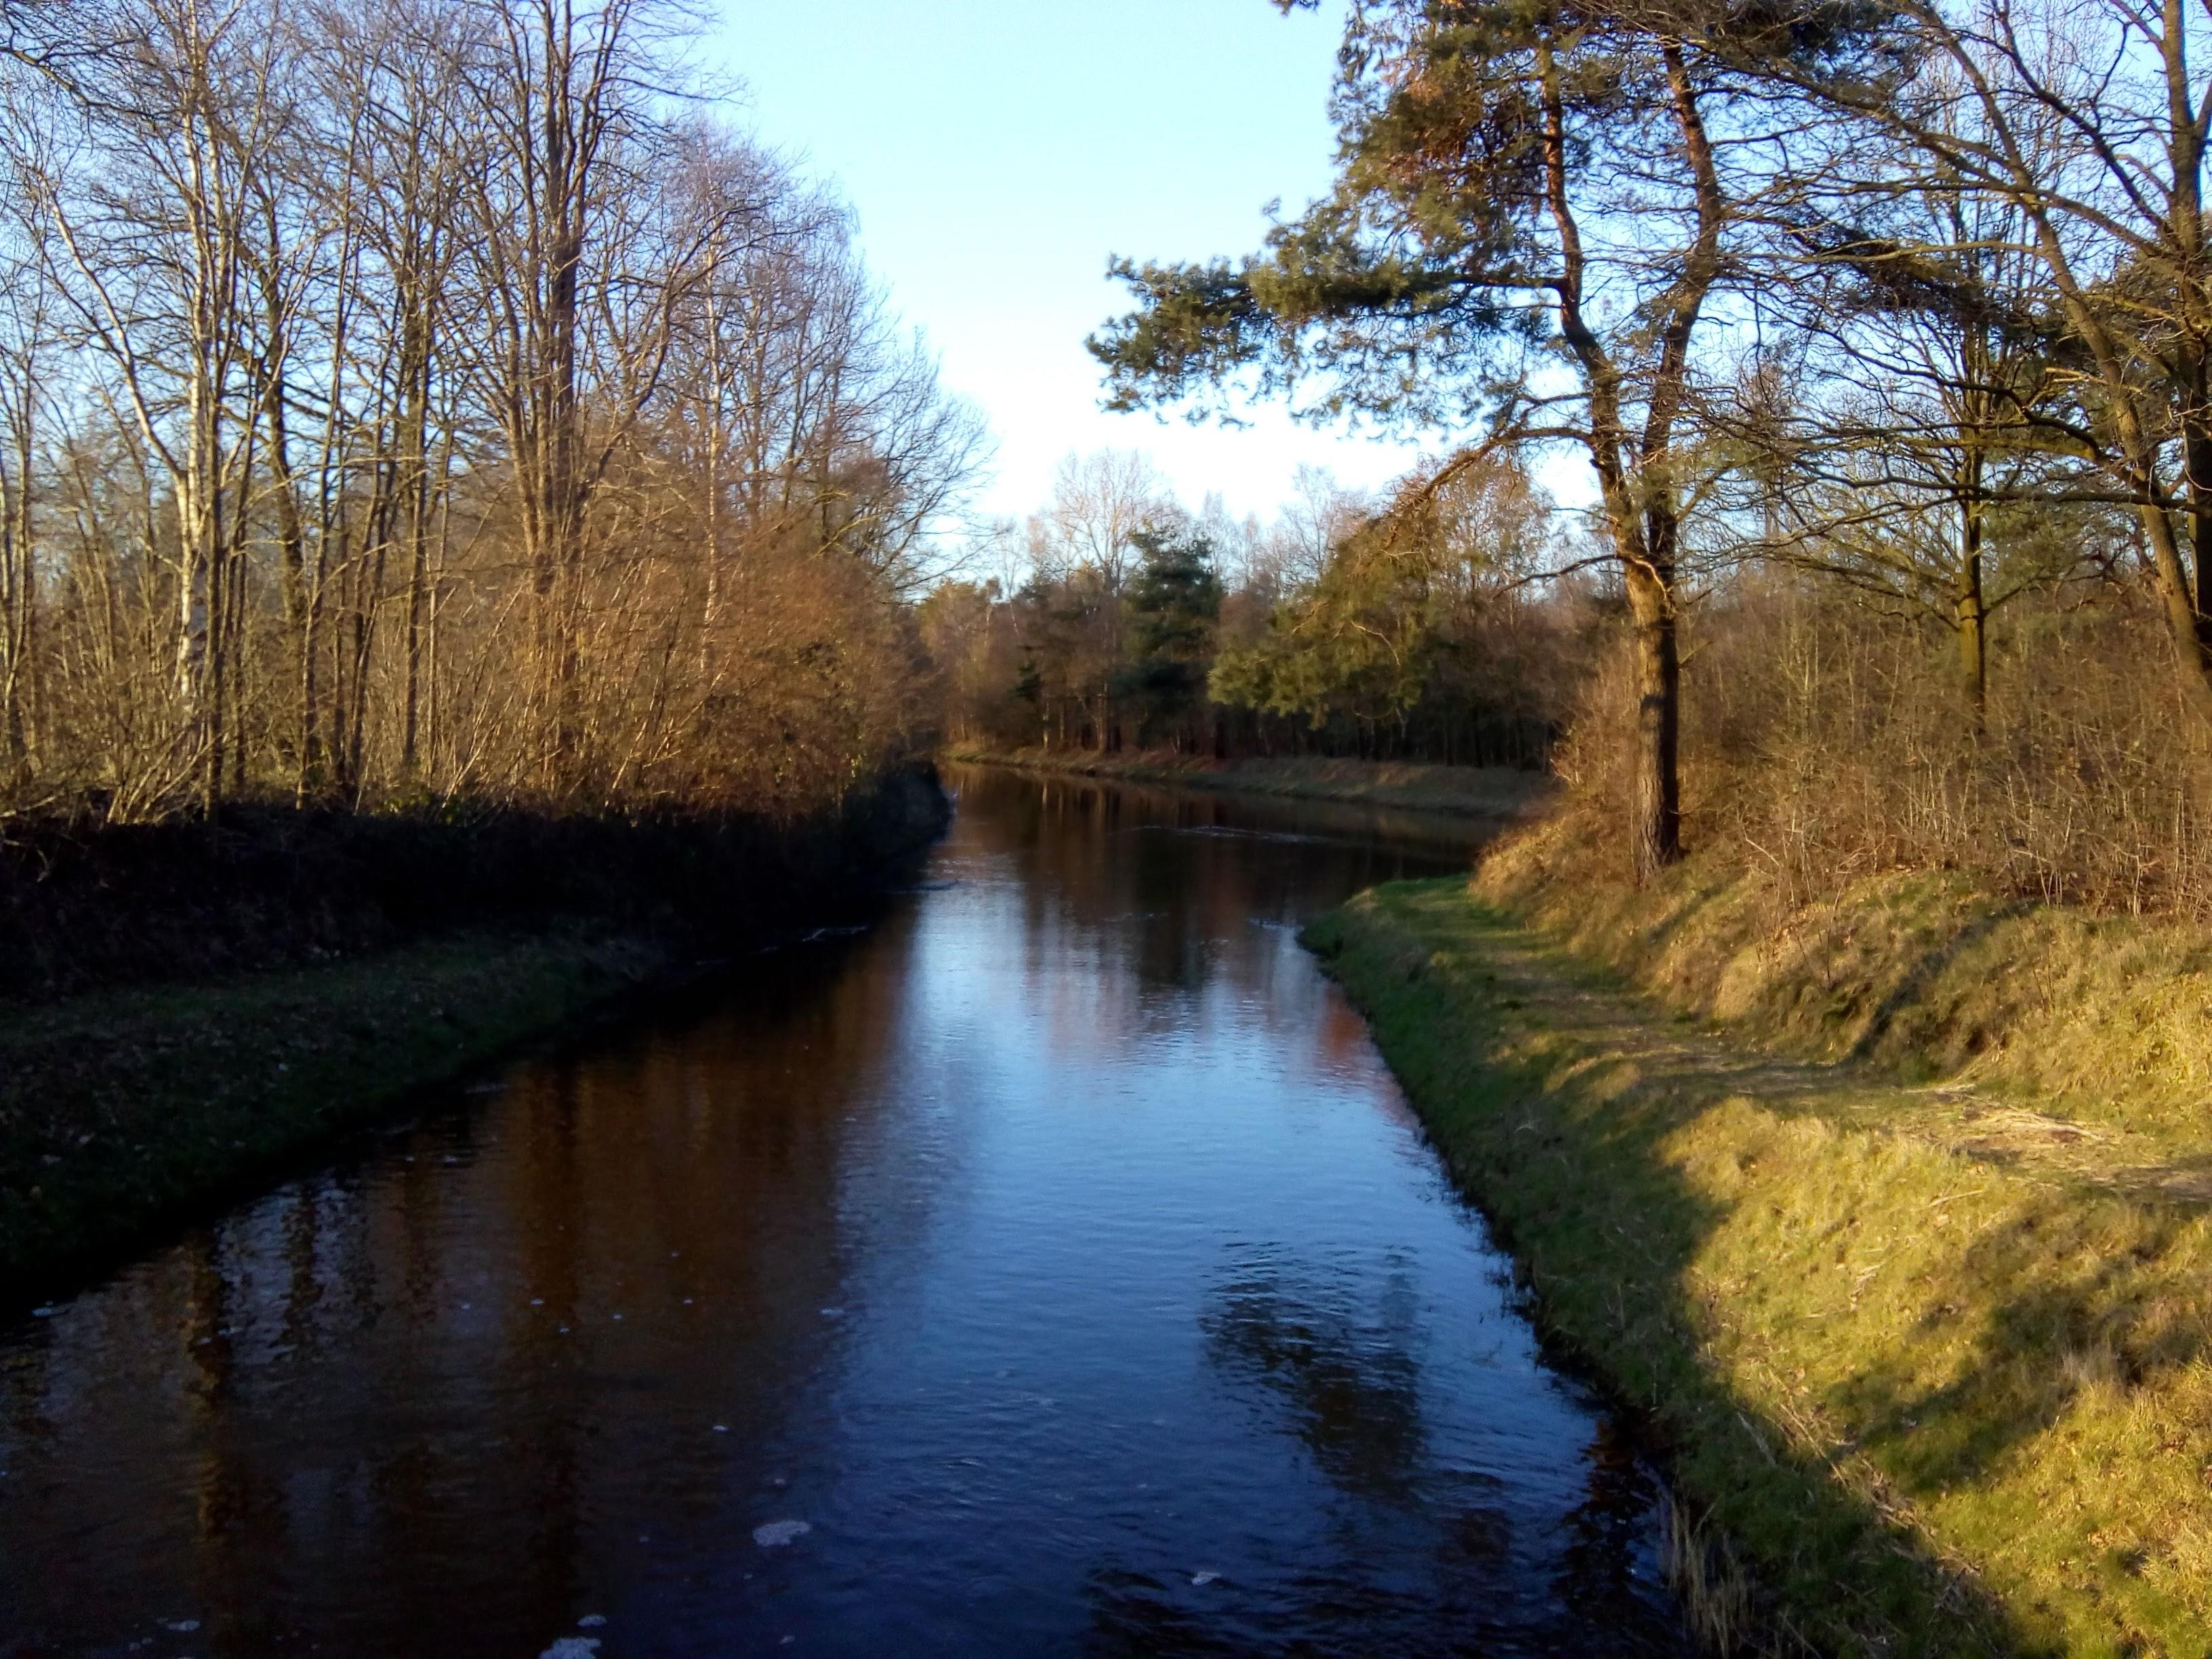 De Van Heeckereenbeek ontmoet de Veengoot